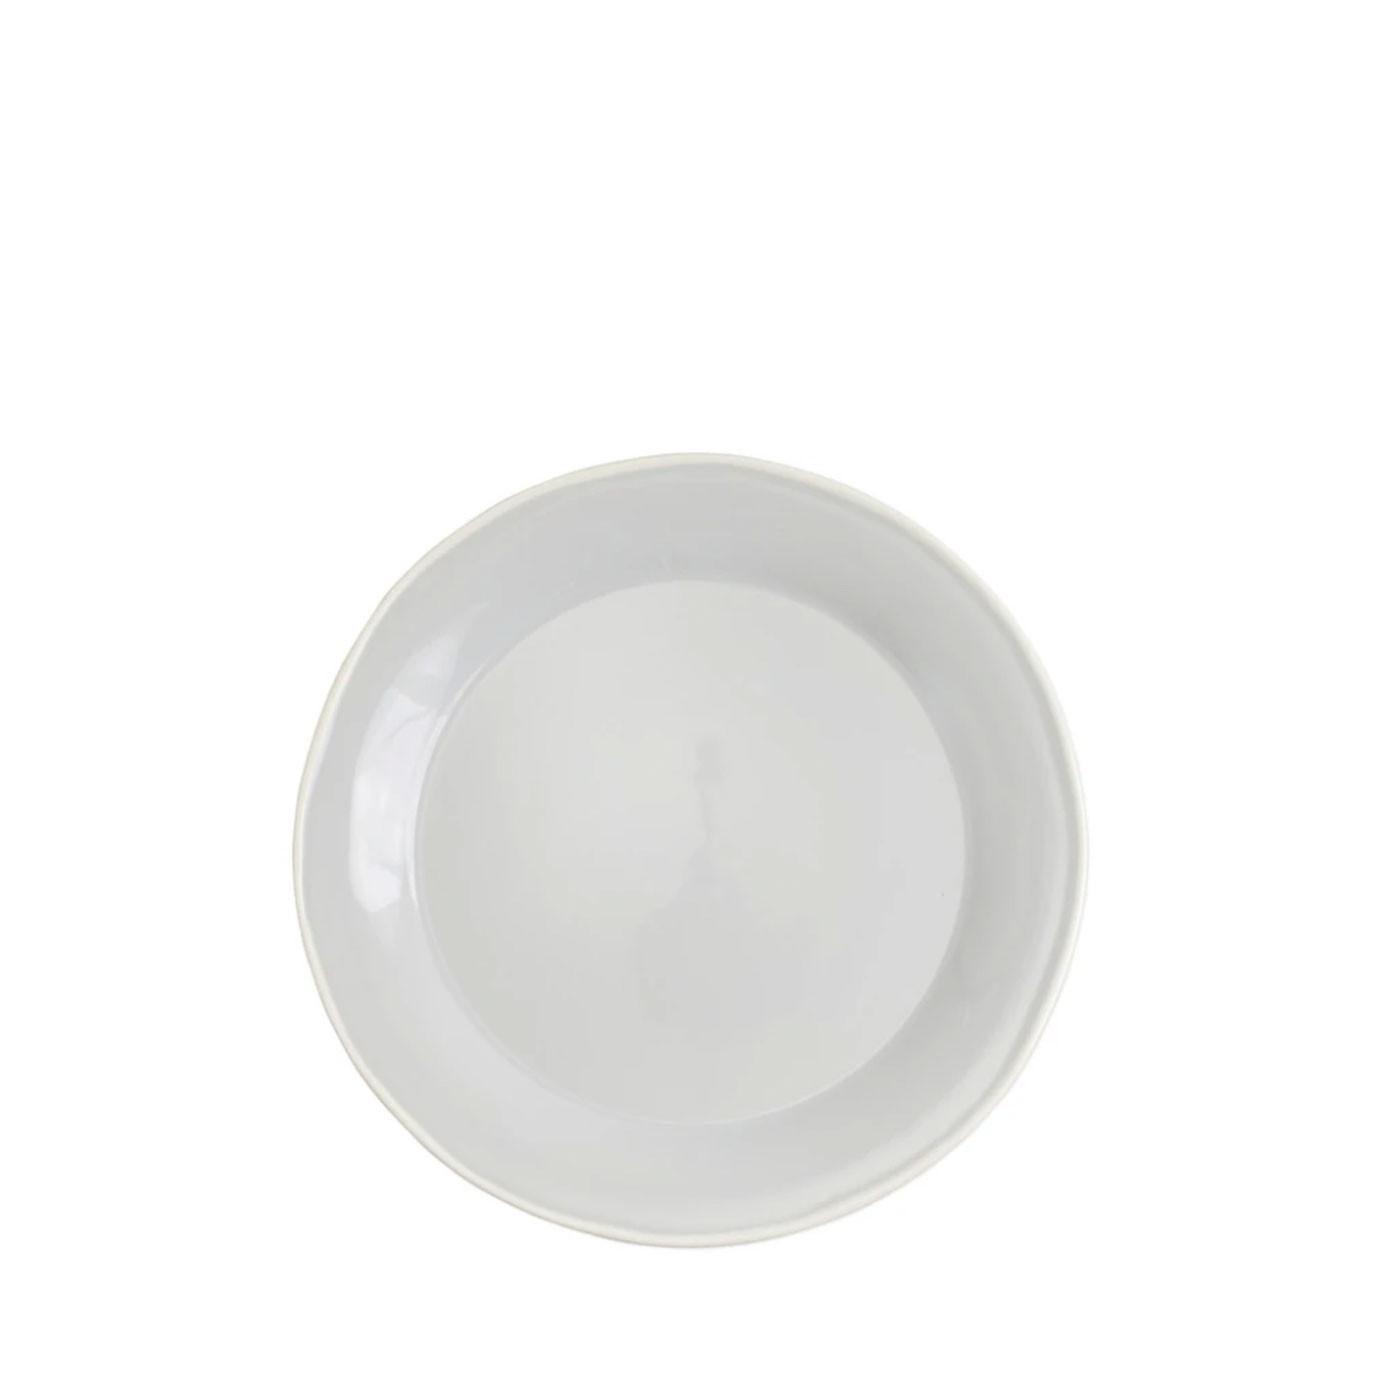 Chroma Light Gray Dinner Plate